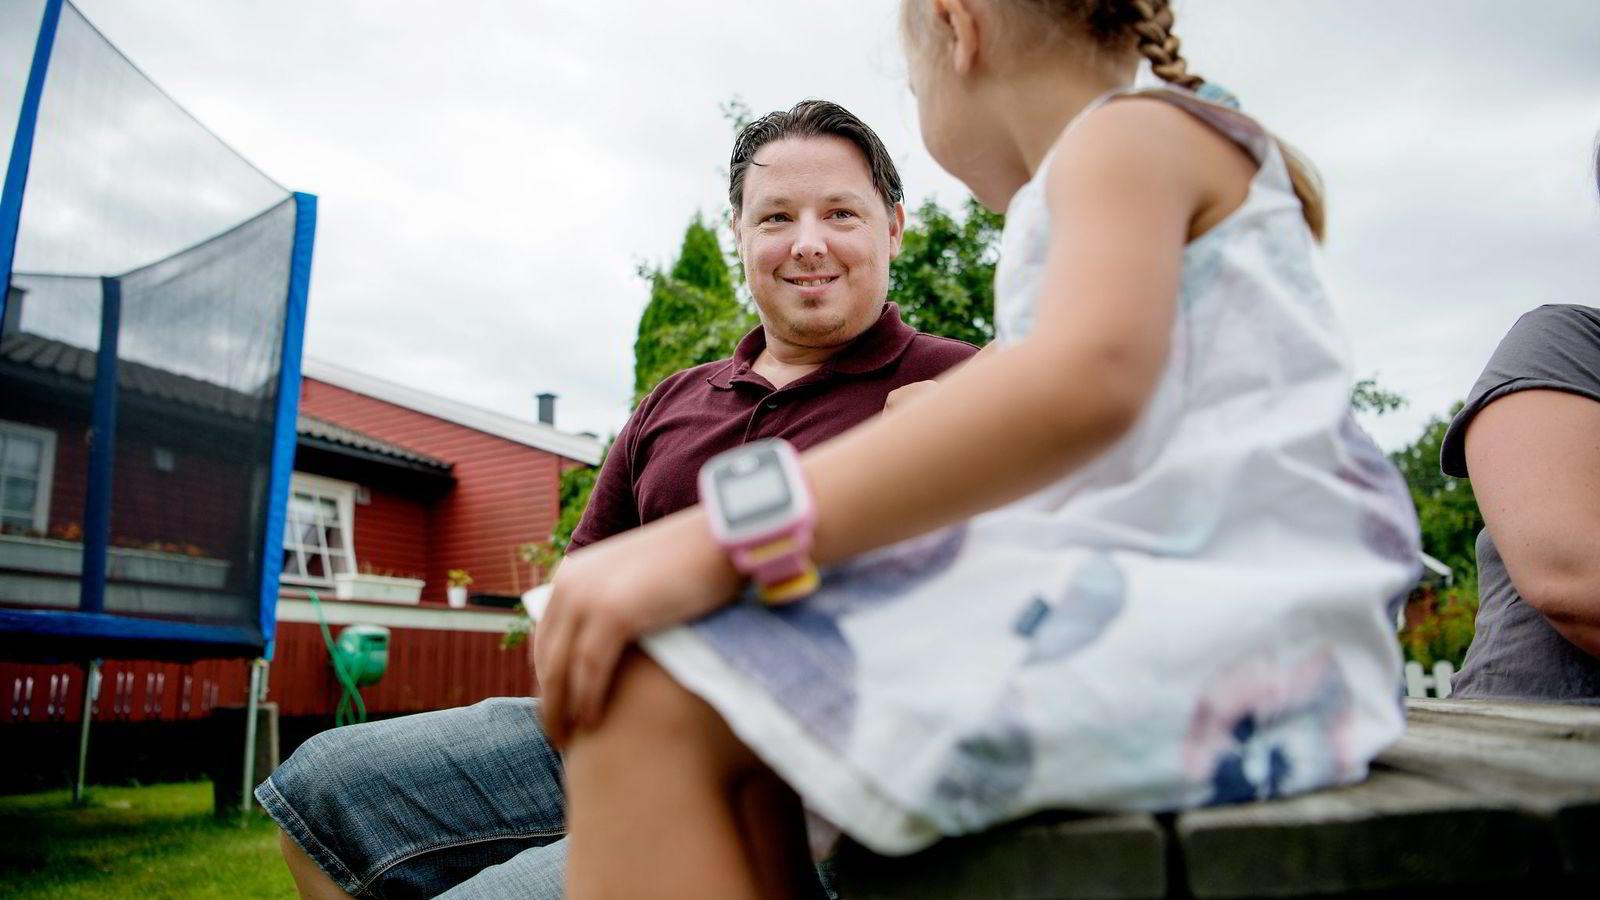 Paul Thürmer har kjøpt en smartklokke til datteren på fire år.